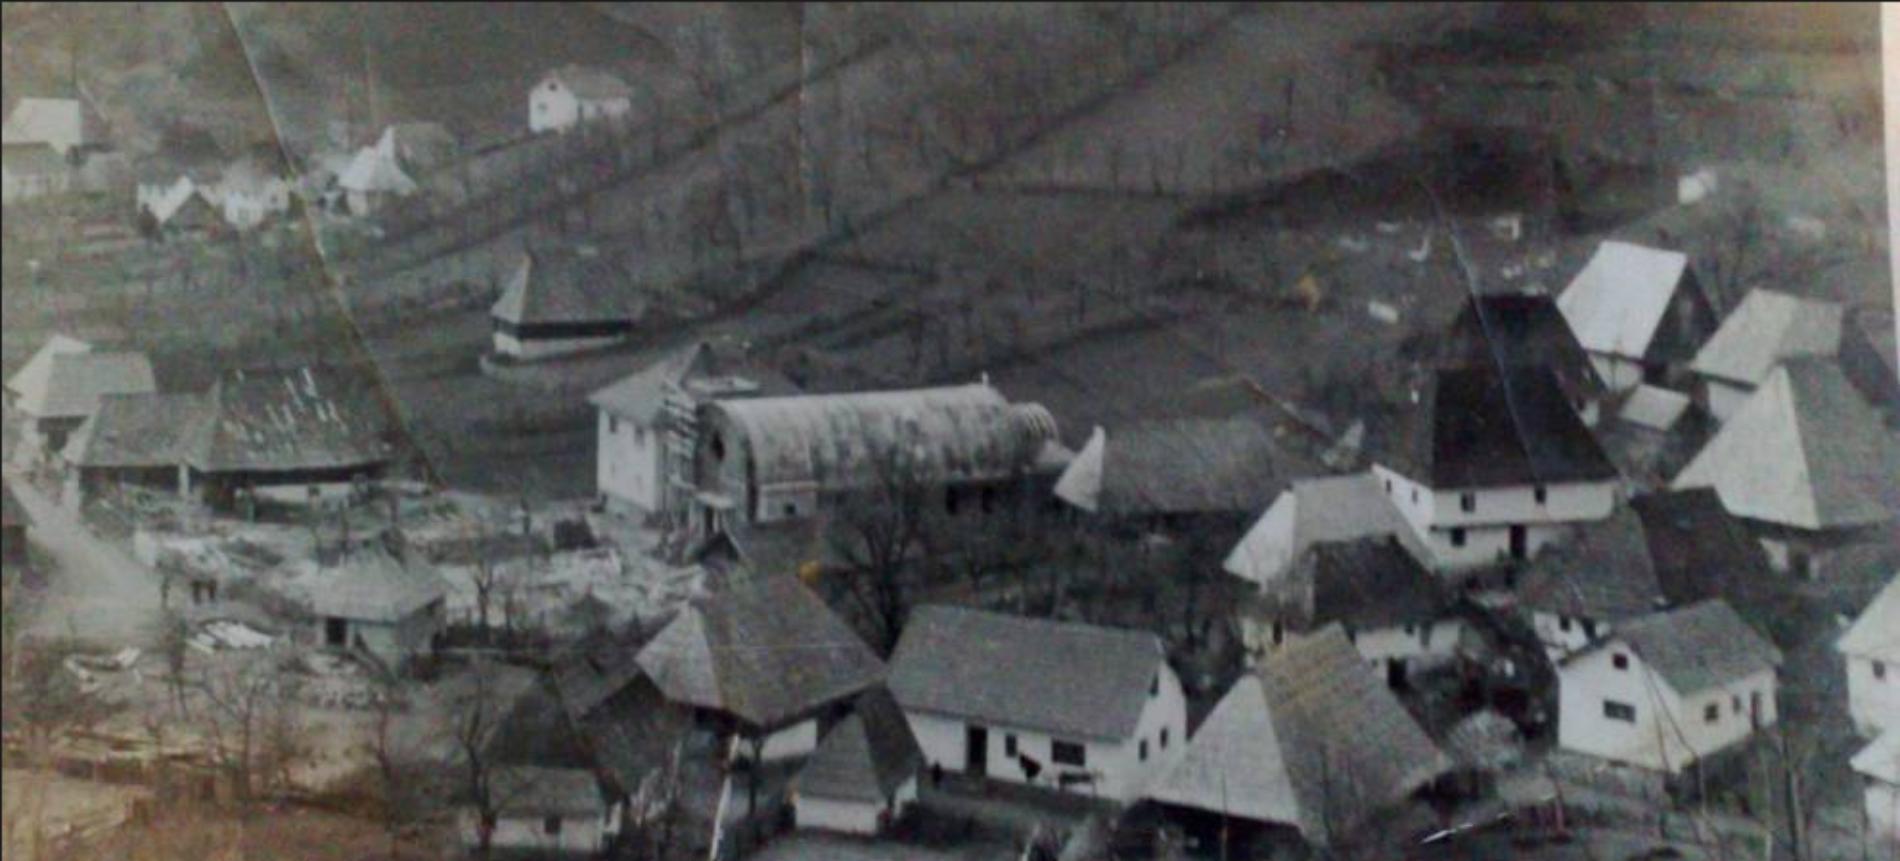 Selo Deževice: Srednjovjekovna riznica srebra i zlata